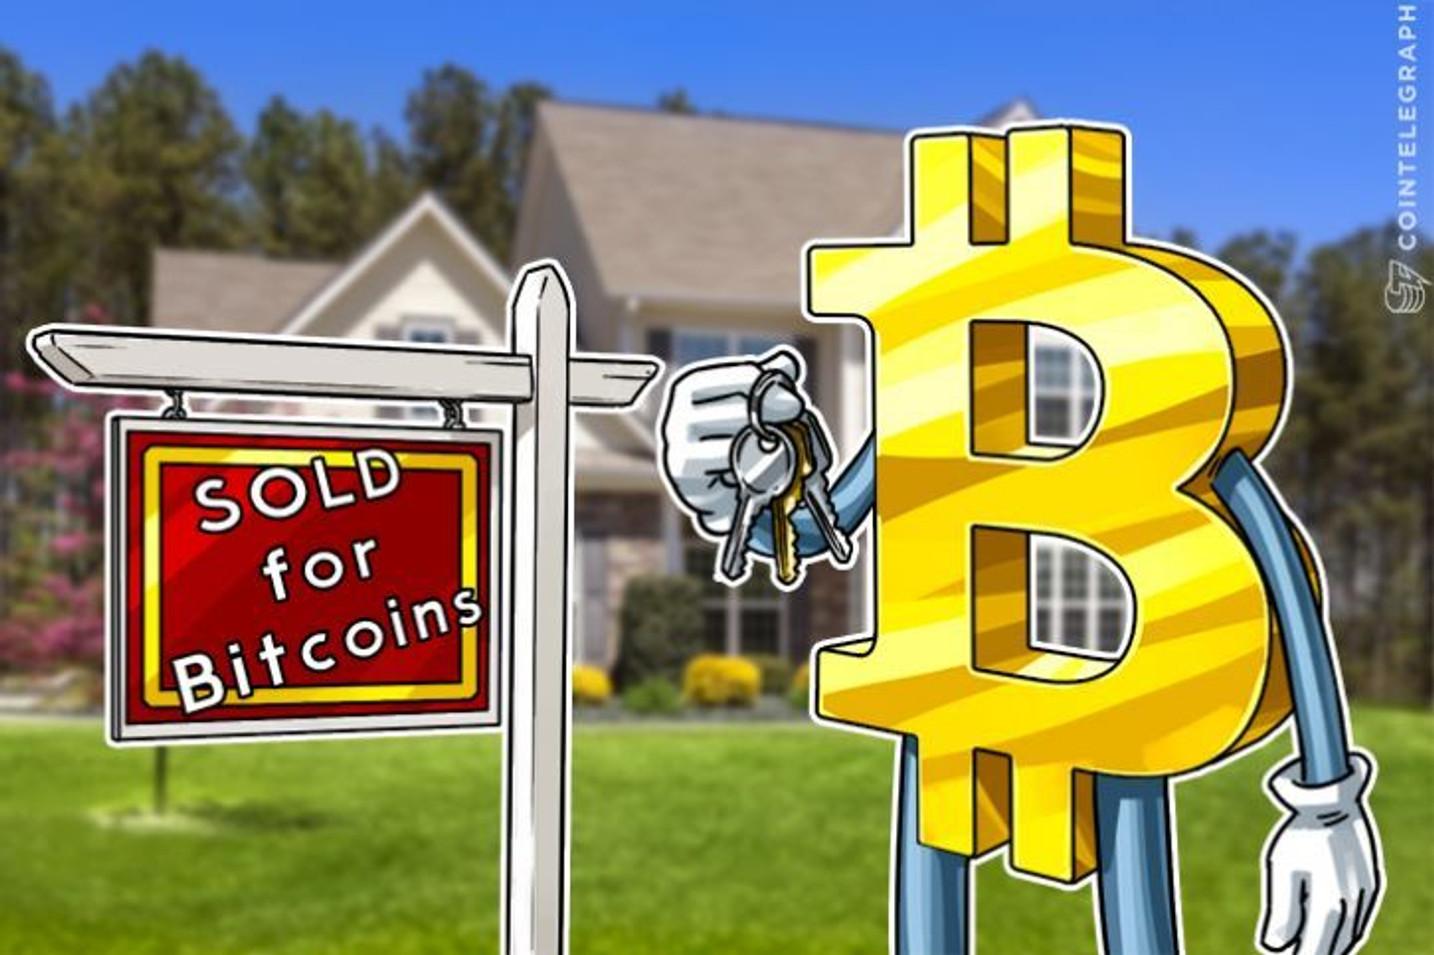 Bitcoin lleva el bombo al mercado inmobiliario